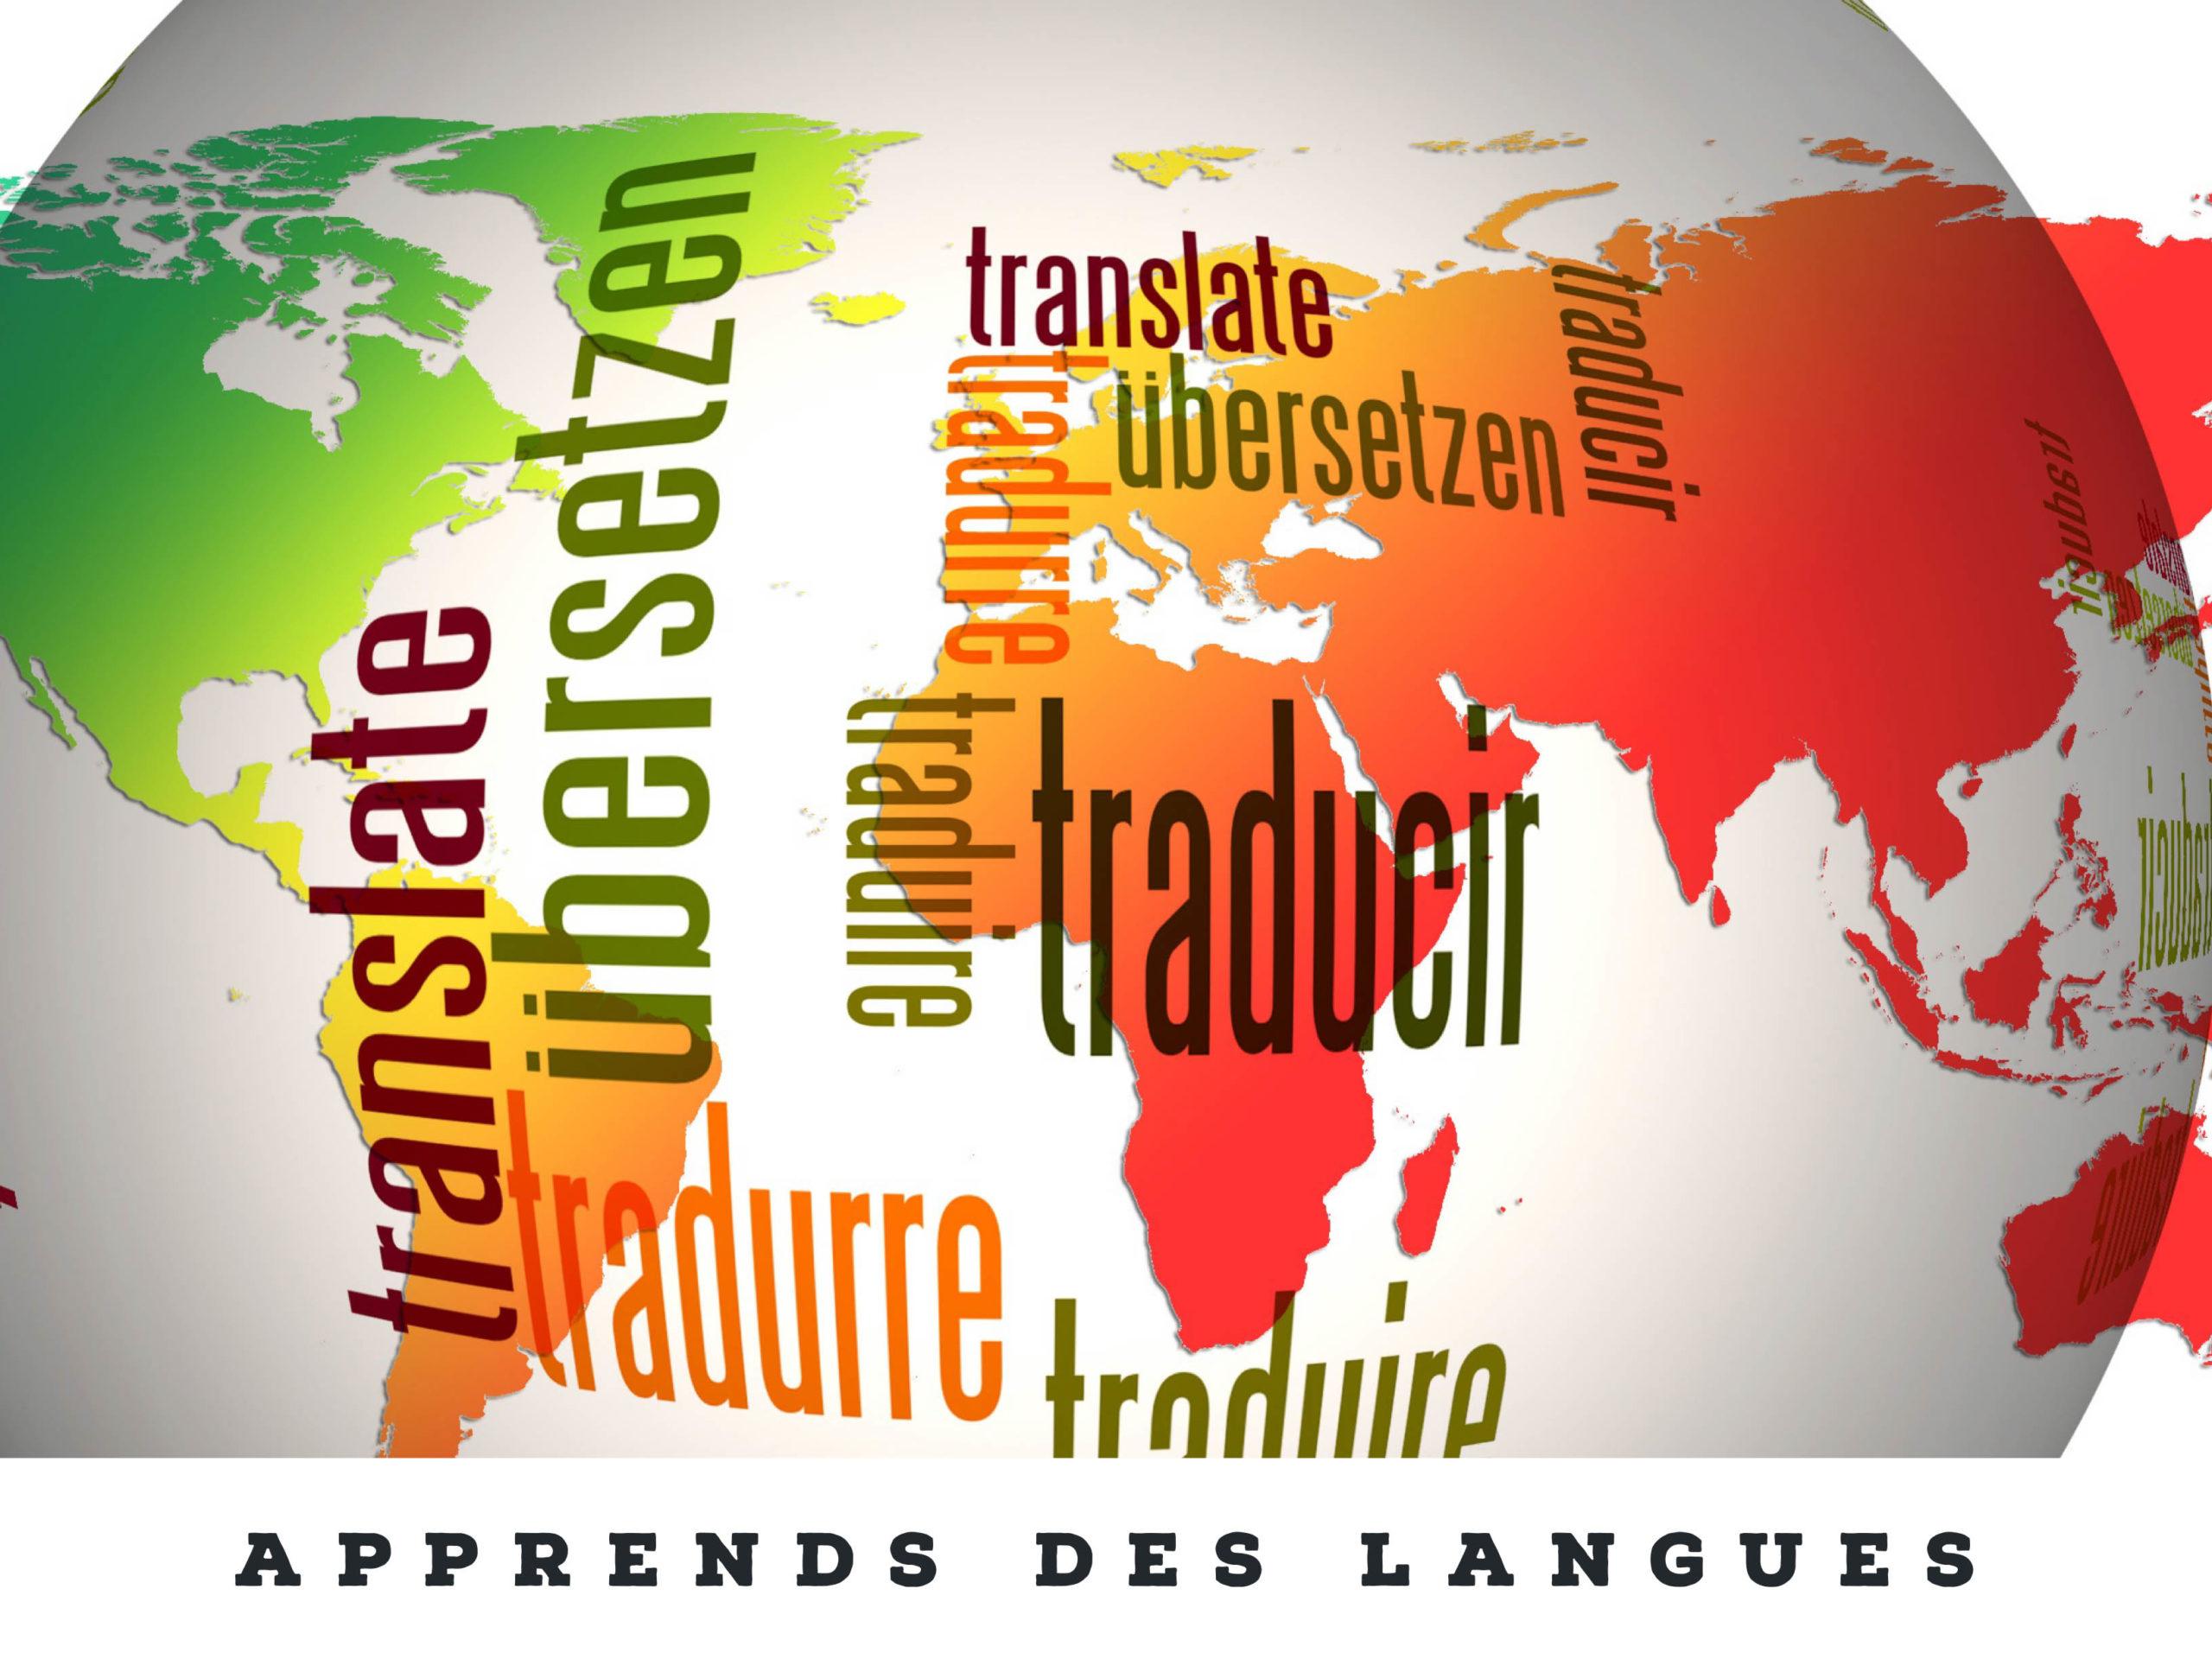 Apprends des Langues